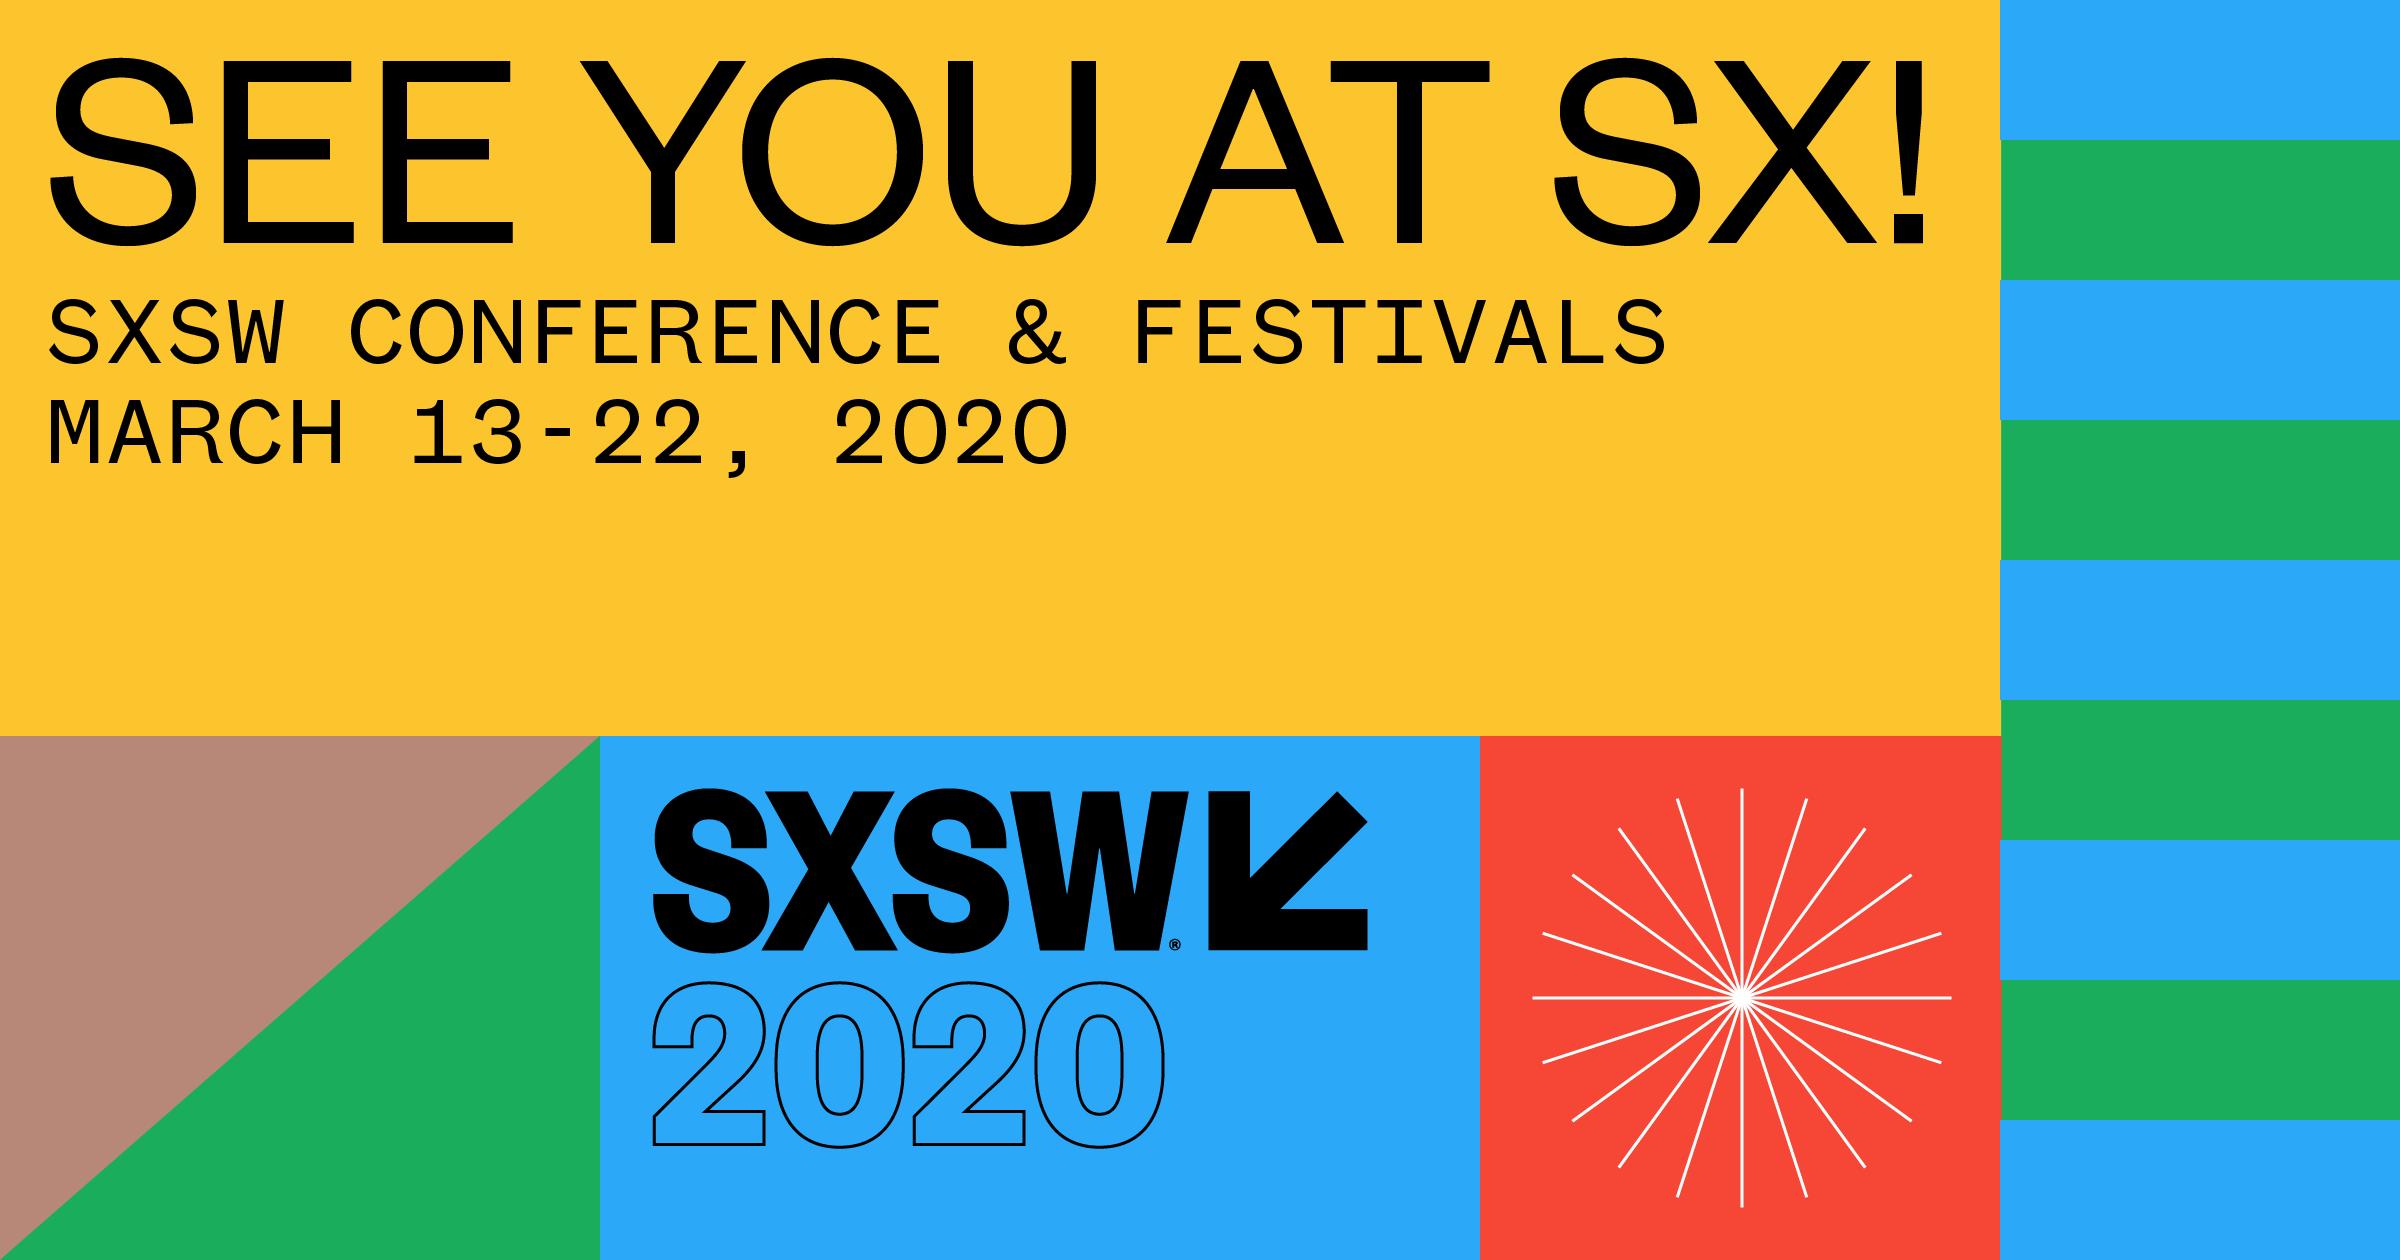 SXSW 2020 Conference & Festivals logo